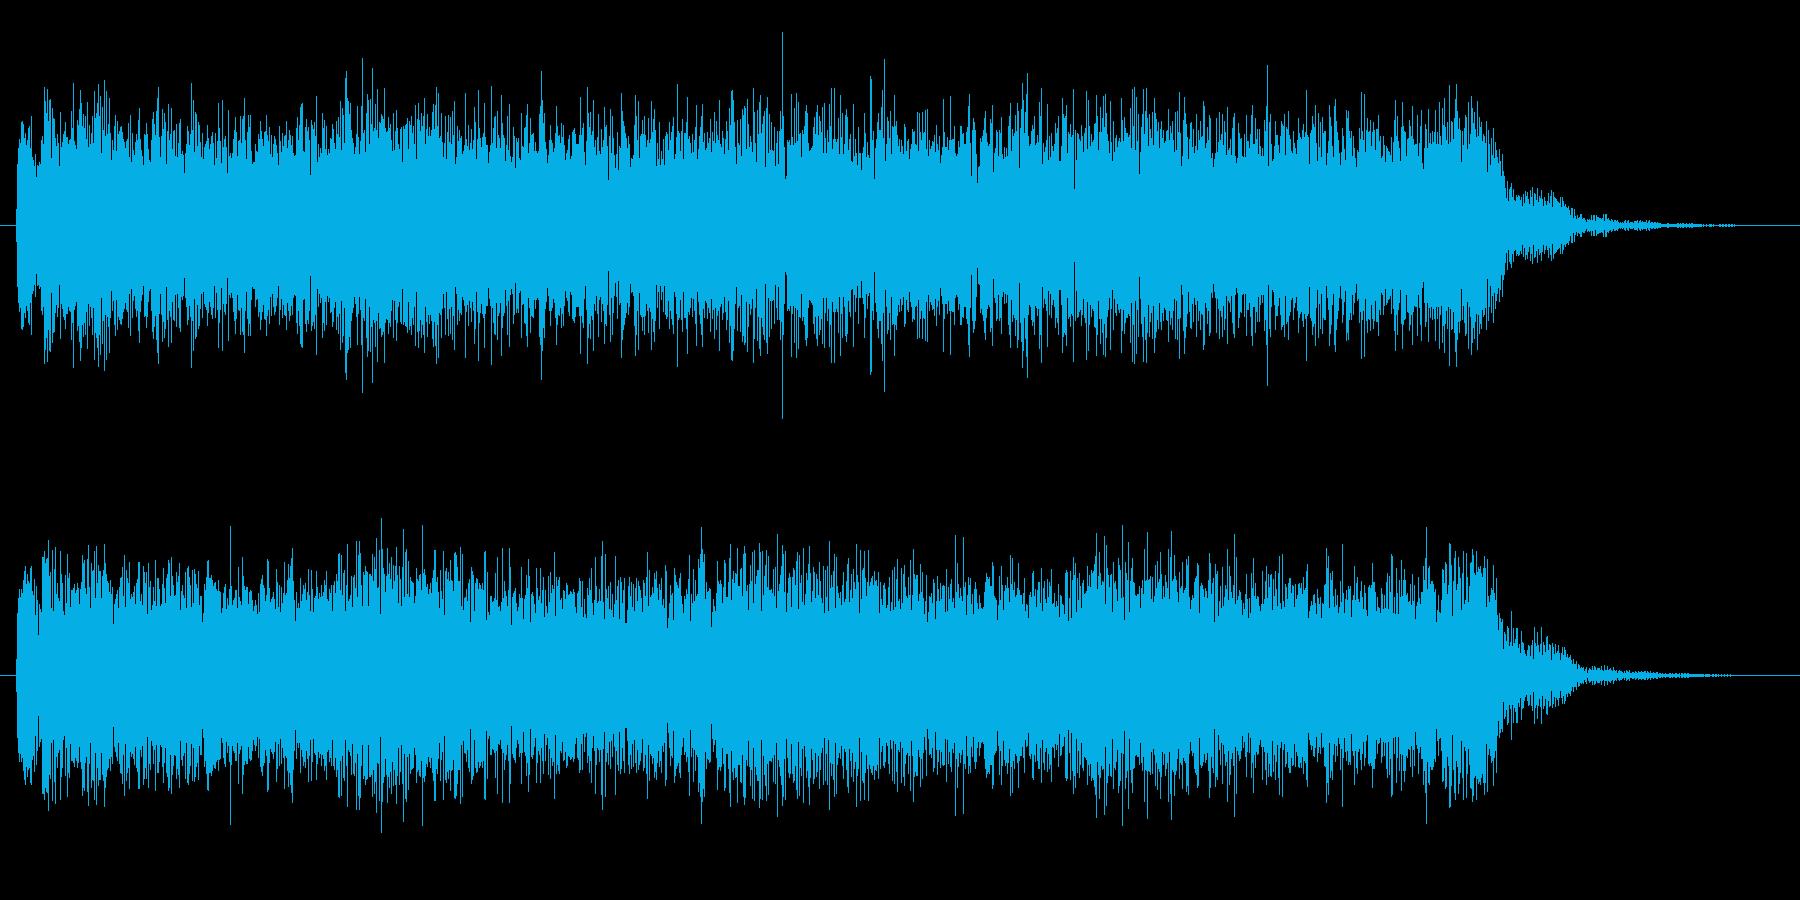 当たりーーー!!!ギュルギュルギュル!!の再生済みの波形